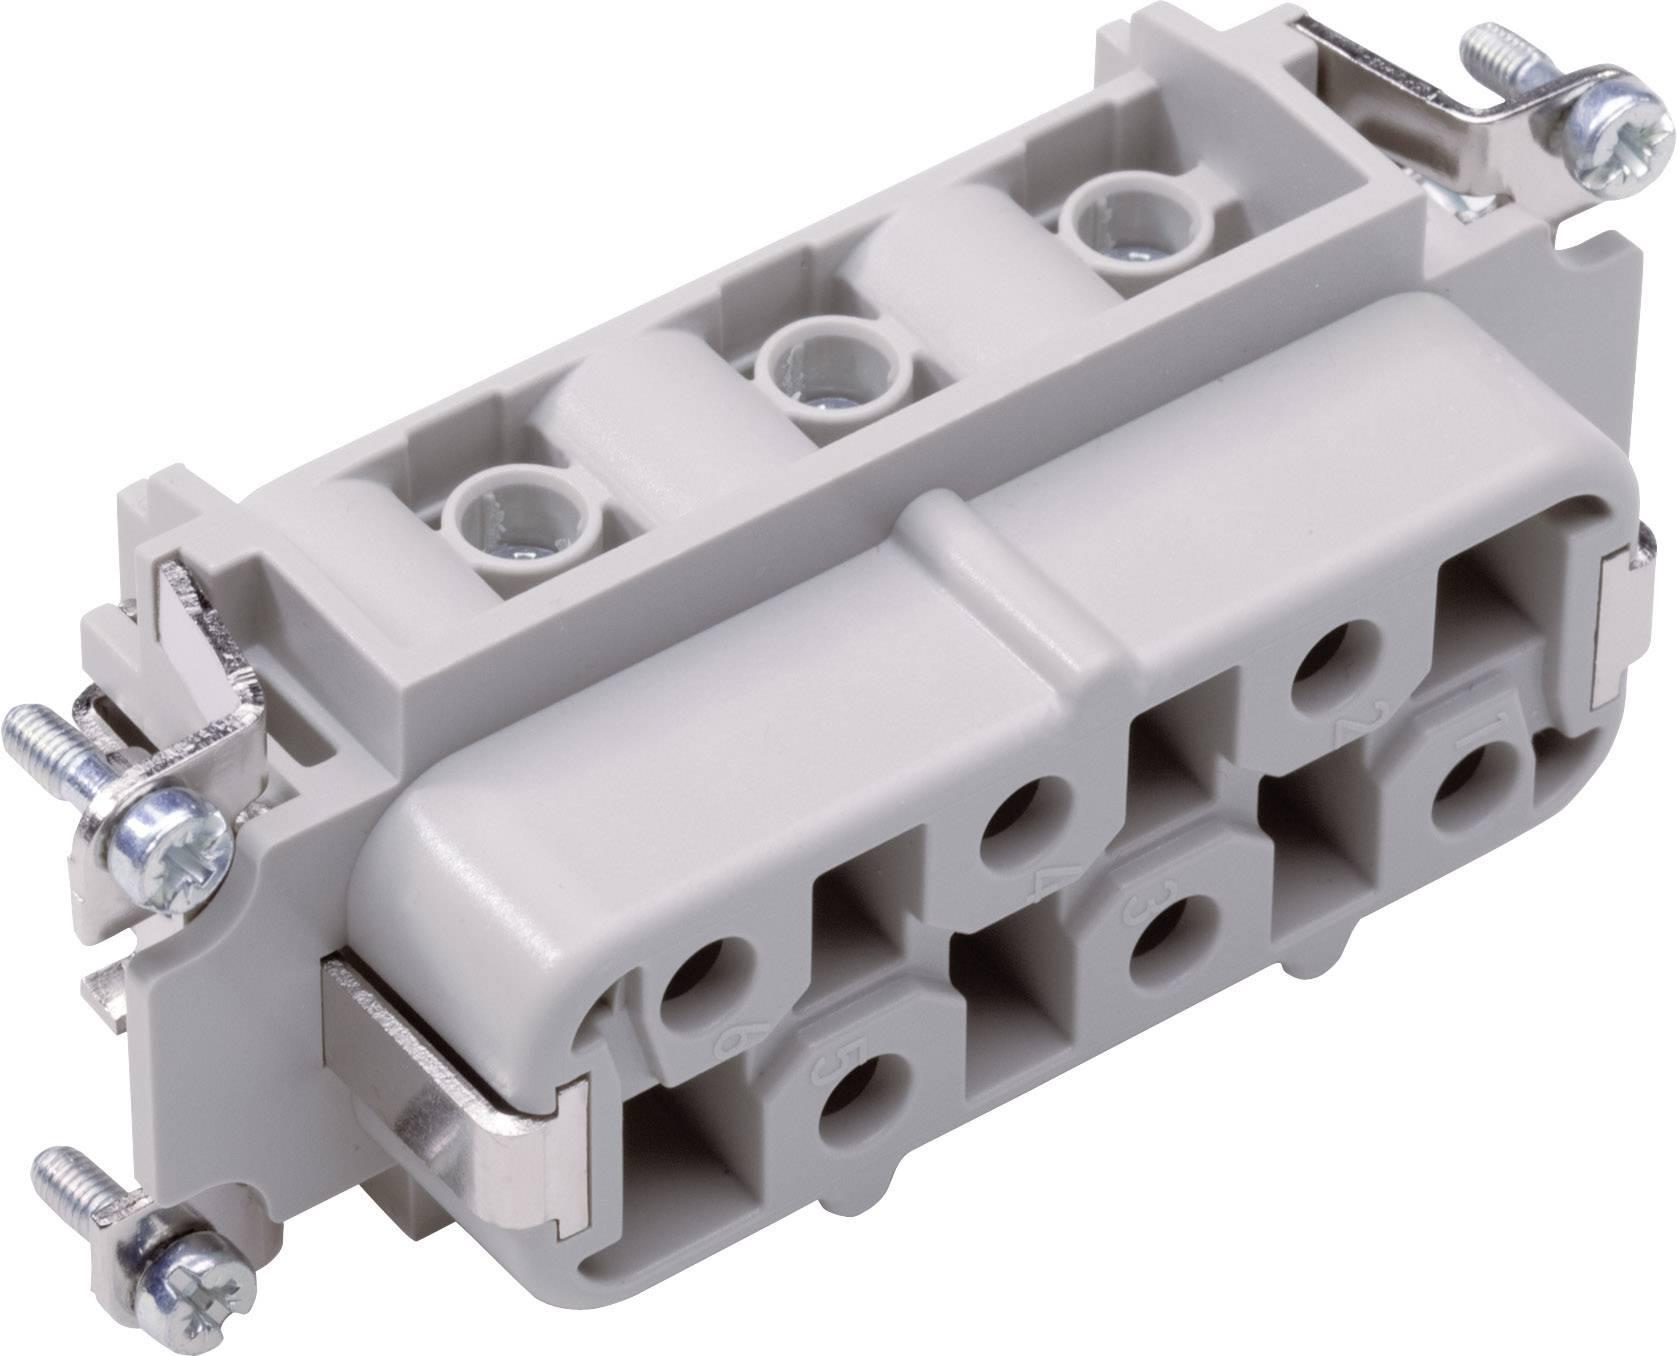 Konektorová vložka, zásuvka EPIC® H-BS 6 10171000 LappKabel počet kontaktů 6 + PE 1 ks